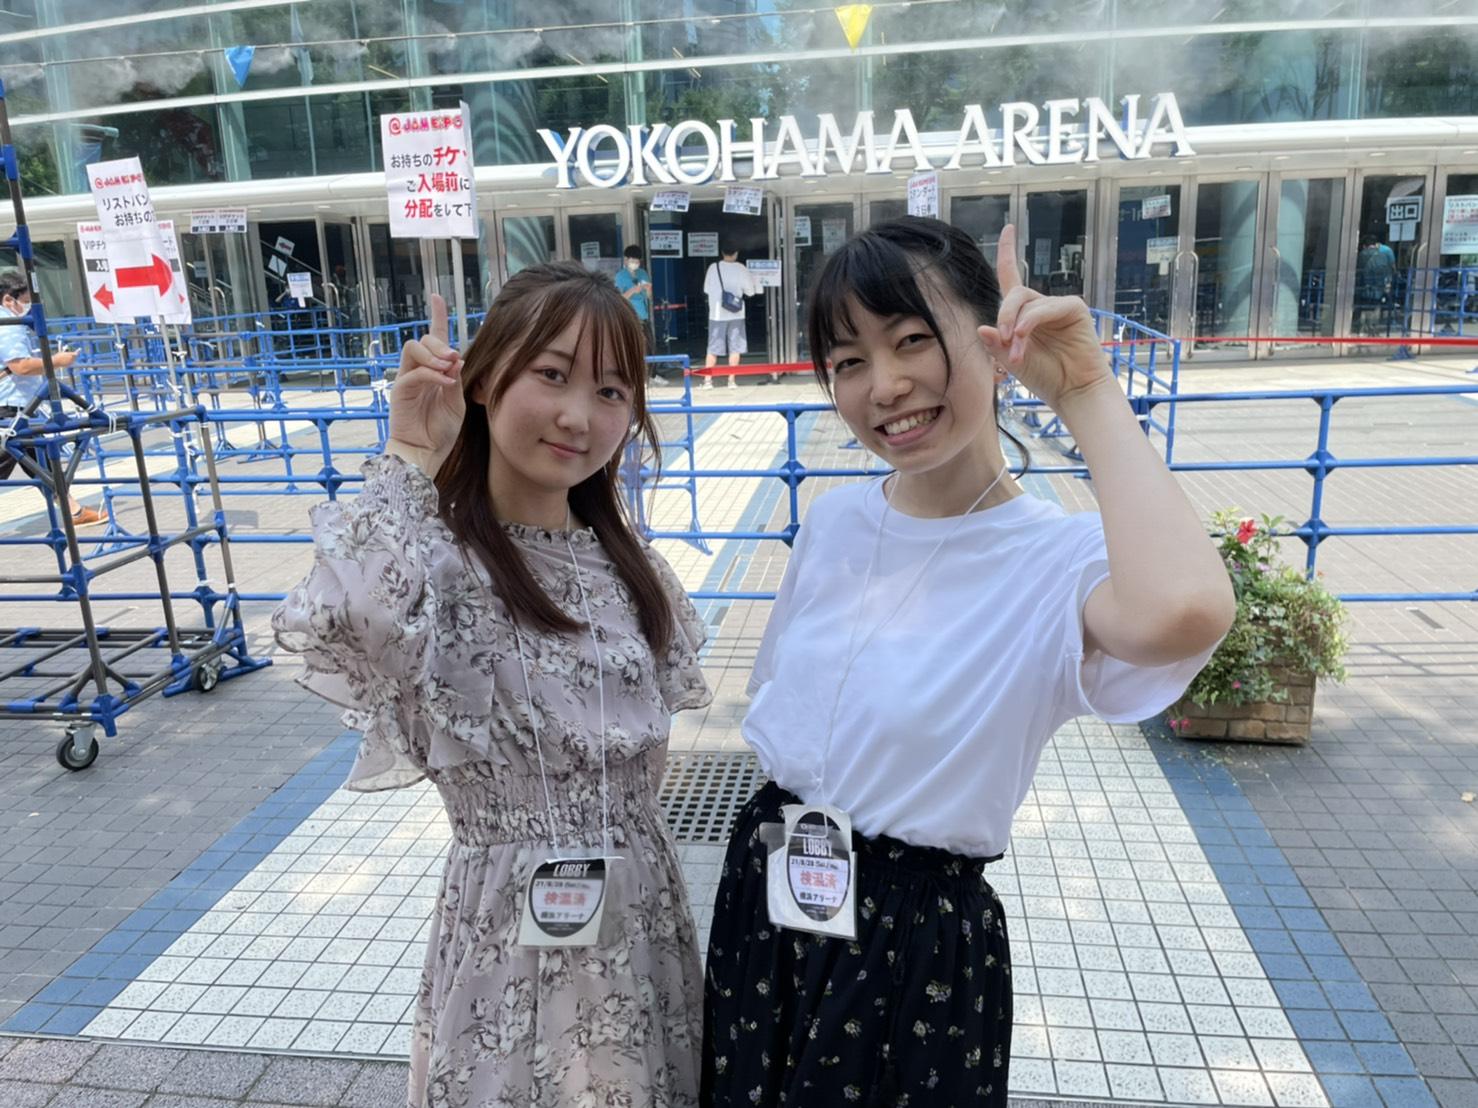 川上理子(京都女子大学)& 小栗あおい(筑波大学)ACTRESS PRESS REPORTER IN 横浜アリーナ(2021年8月)